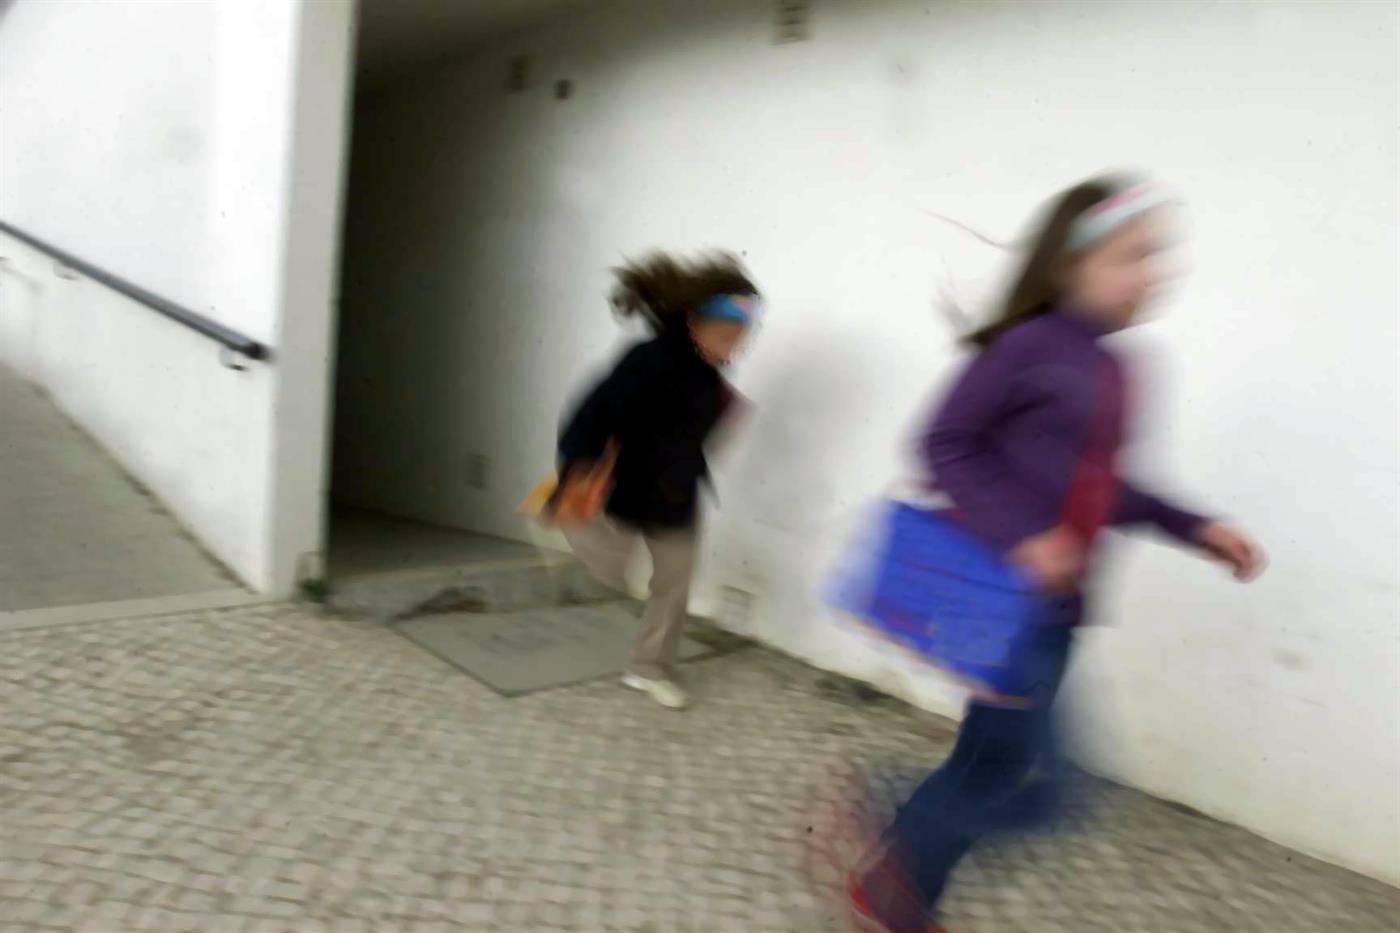 Resultado de imagem para Adolescente gravou em vídeo abusos sexuais pelo pai. Mãe sabia de tudo